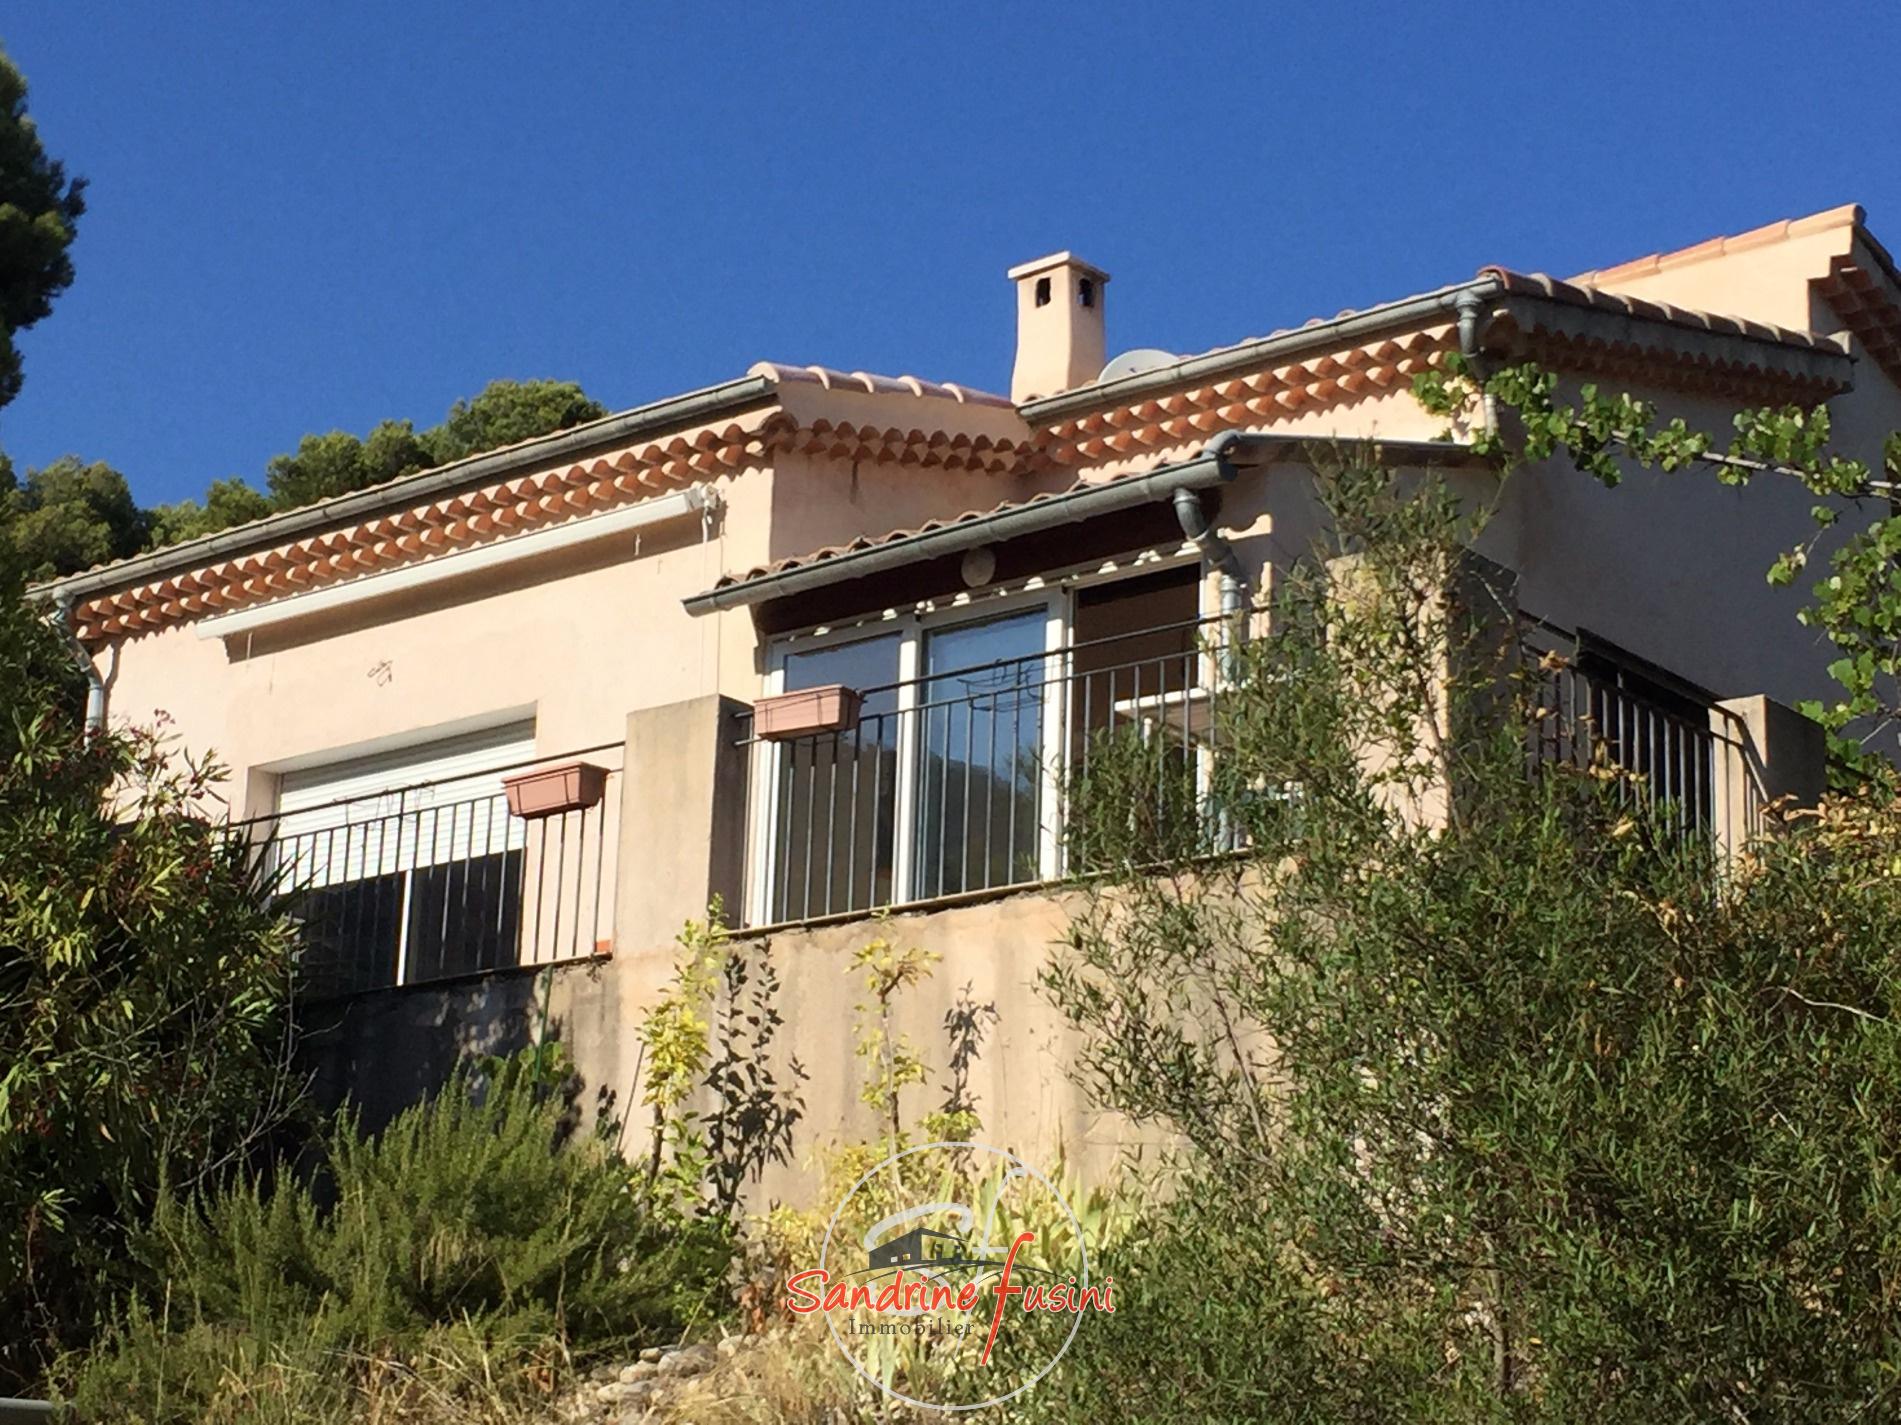 Vente maison d 39 habitation avec terrain attenant for Vente habitation